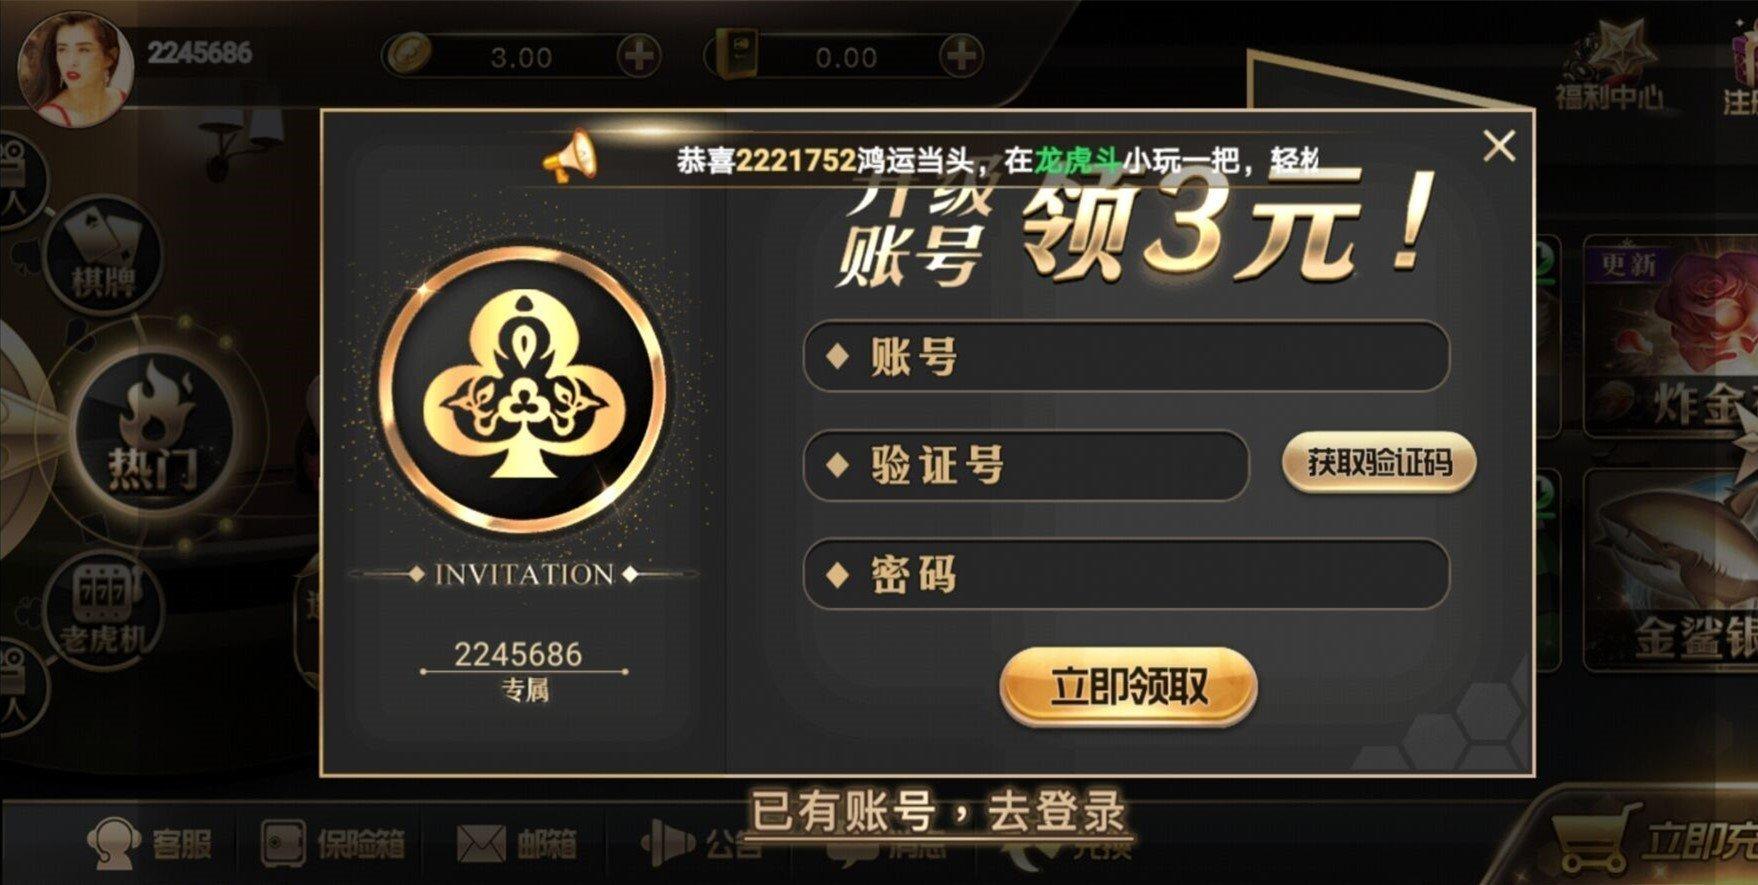 王道棋牌200king最新版